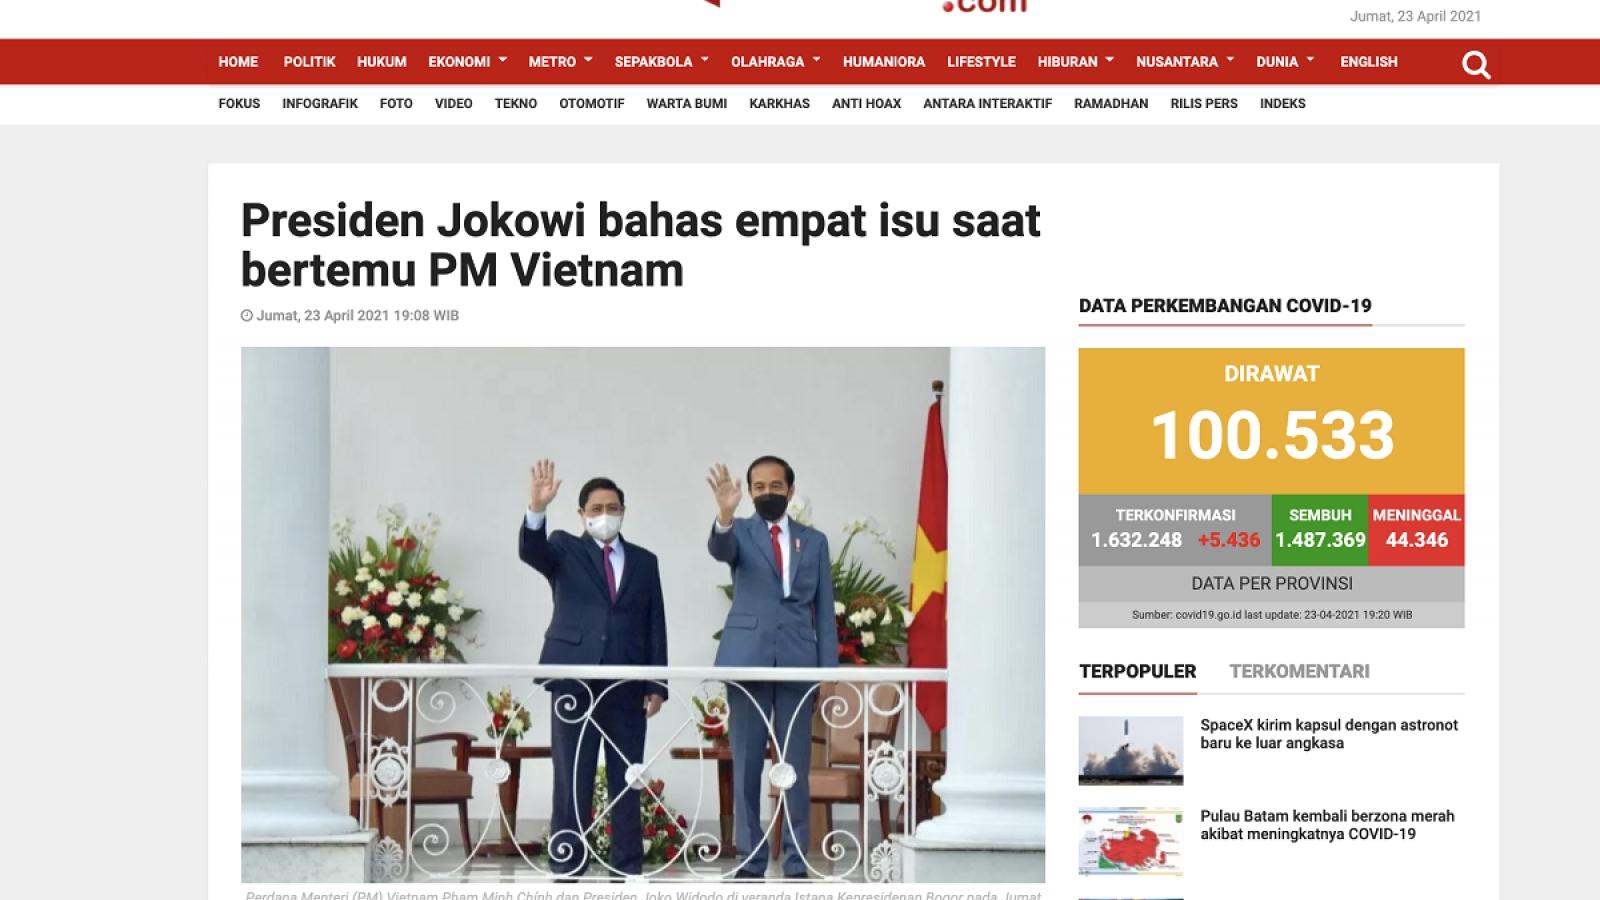 Báo chí Indonesia đưa tin chuyến công tác của Thủ tướng Việt Nam dự Hội nghị ASEAN